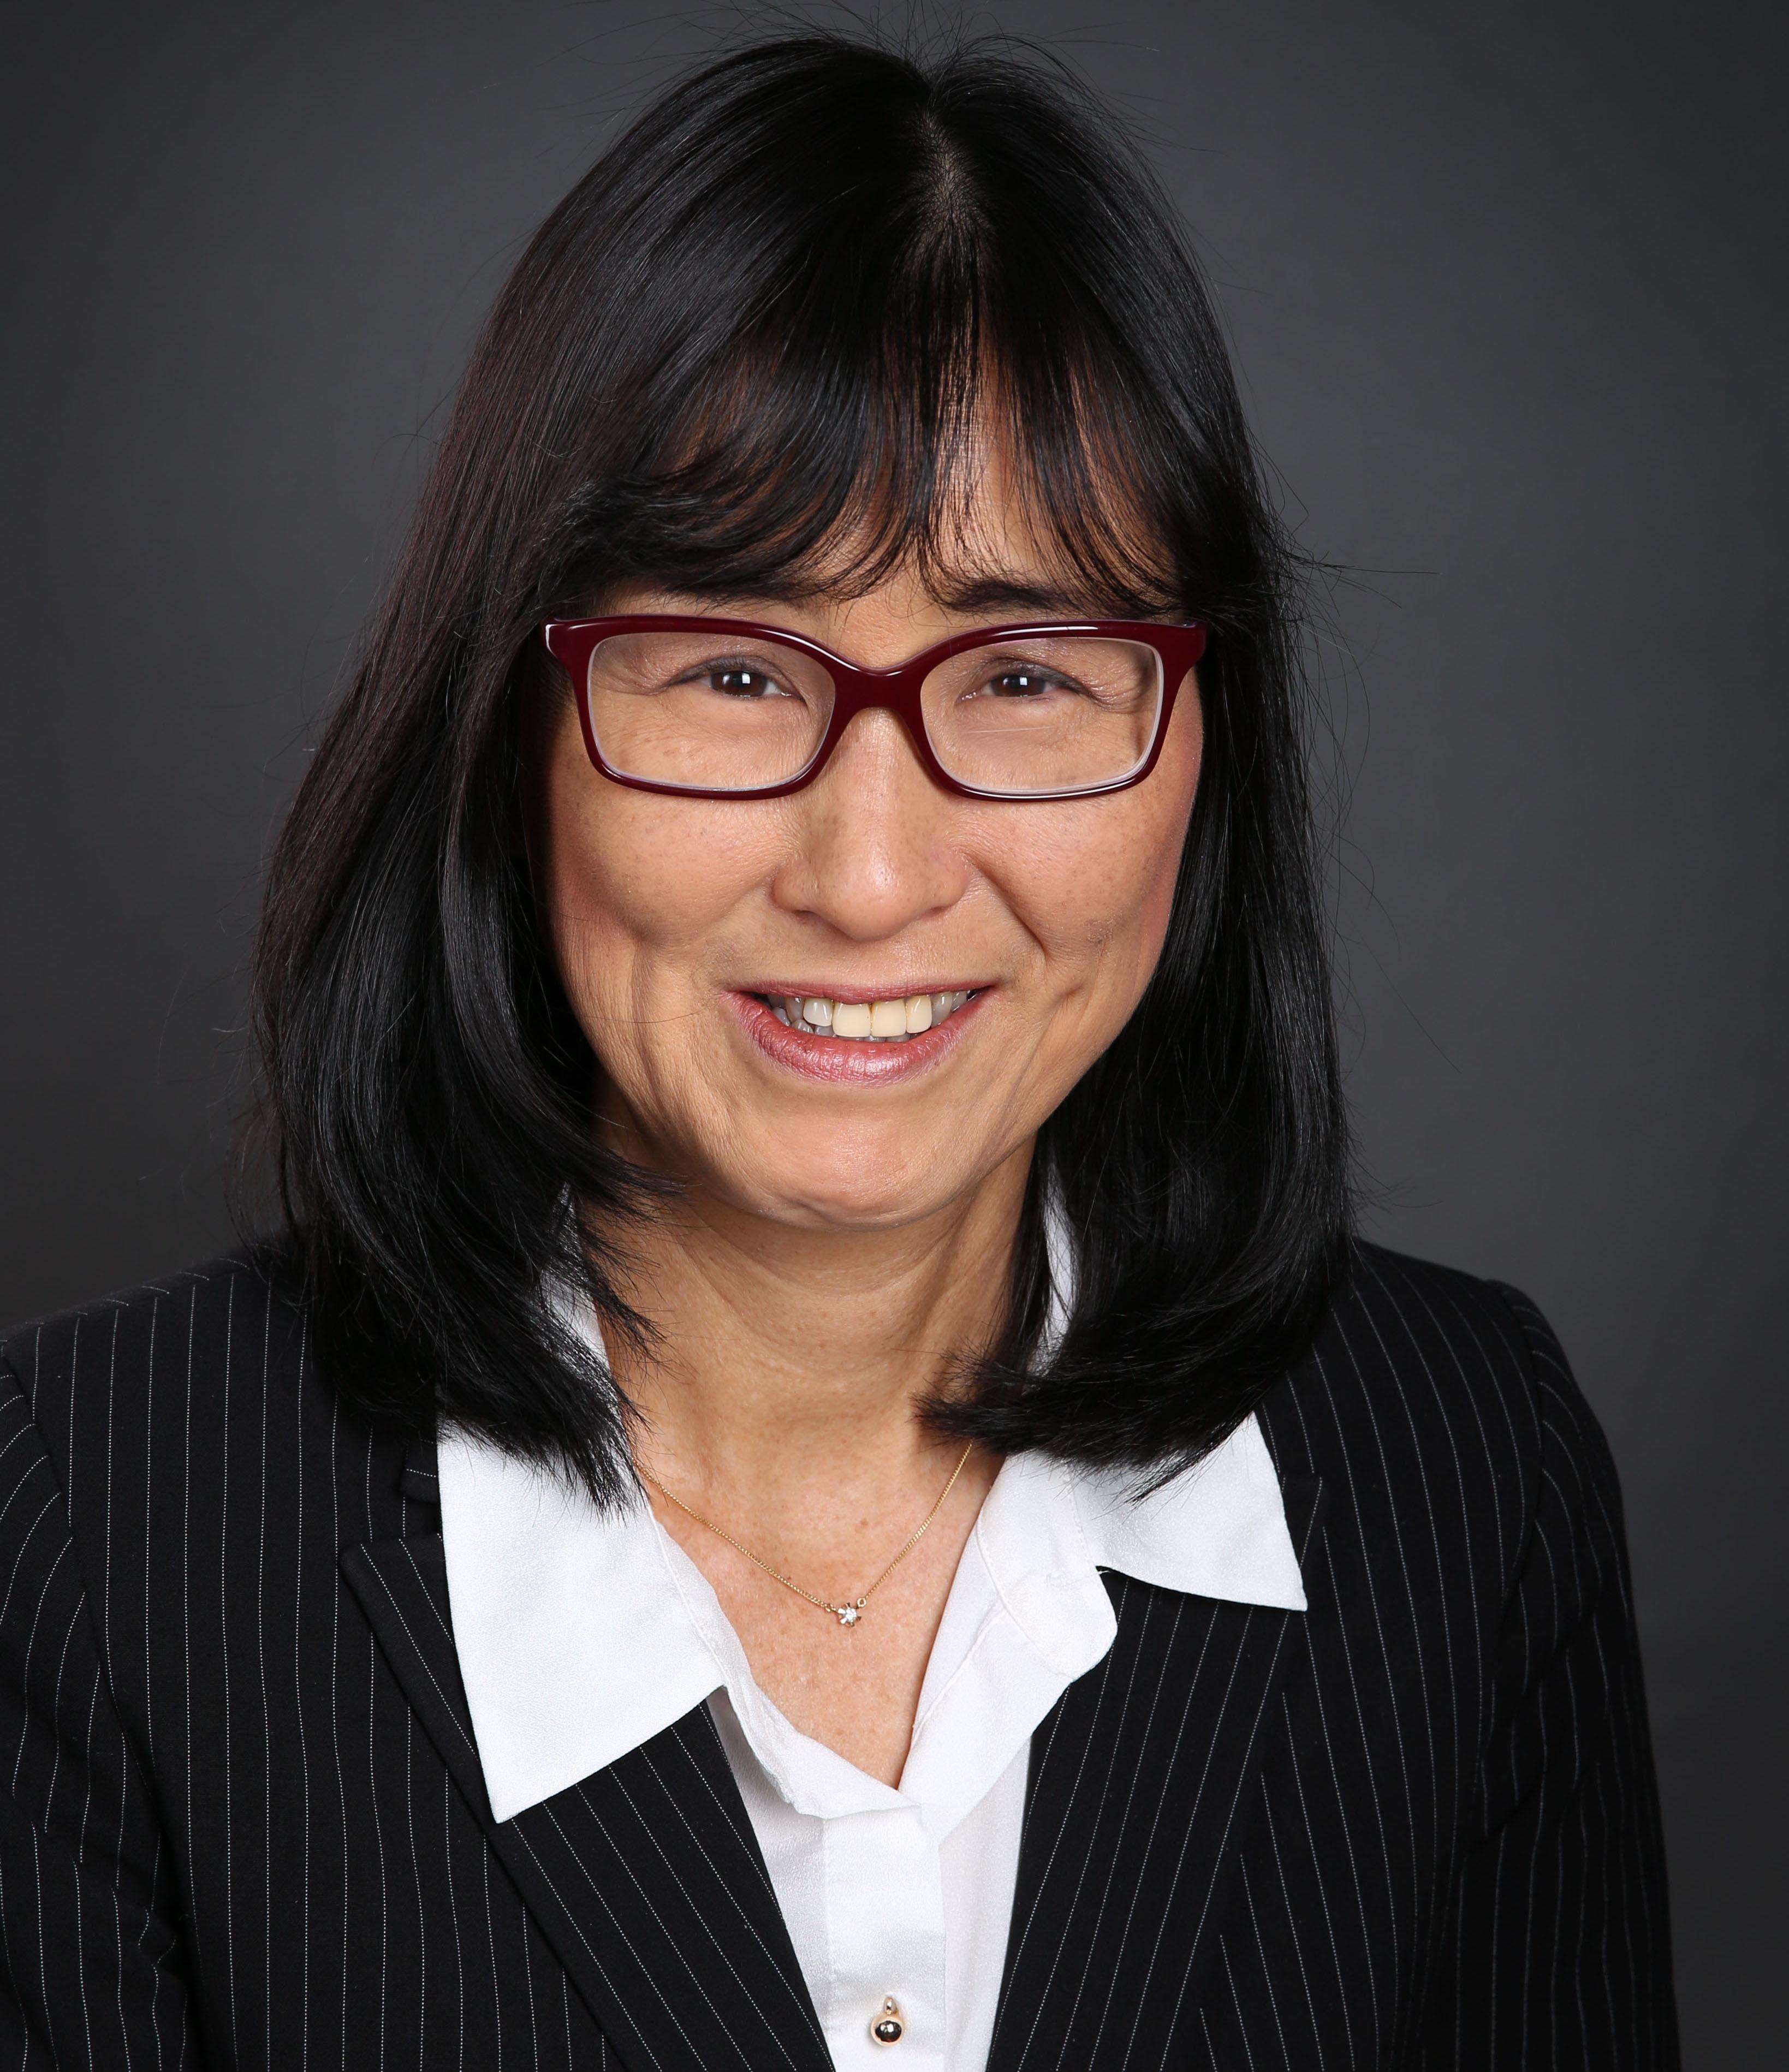 Michiko Pinnington